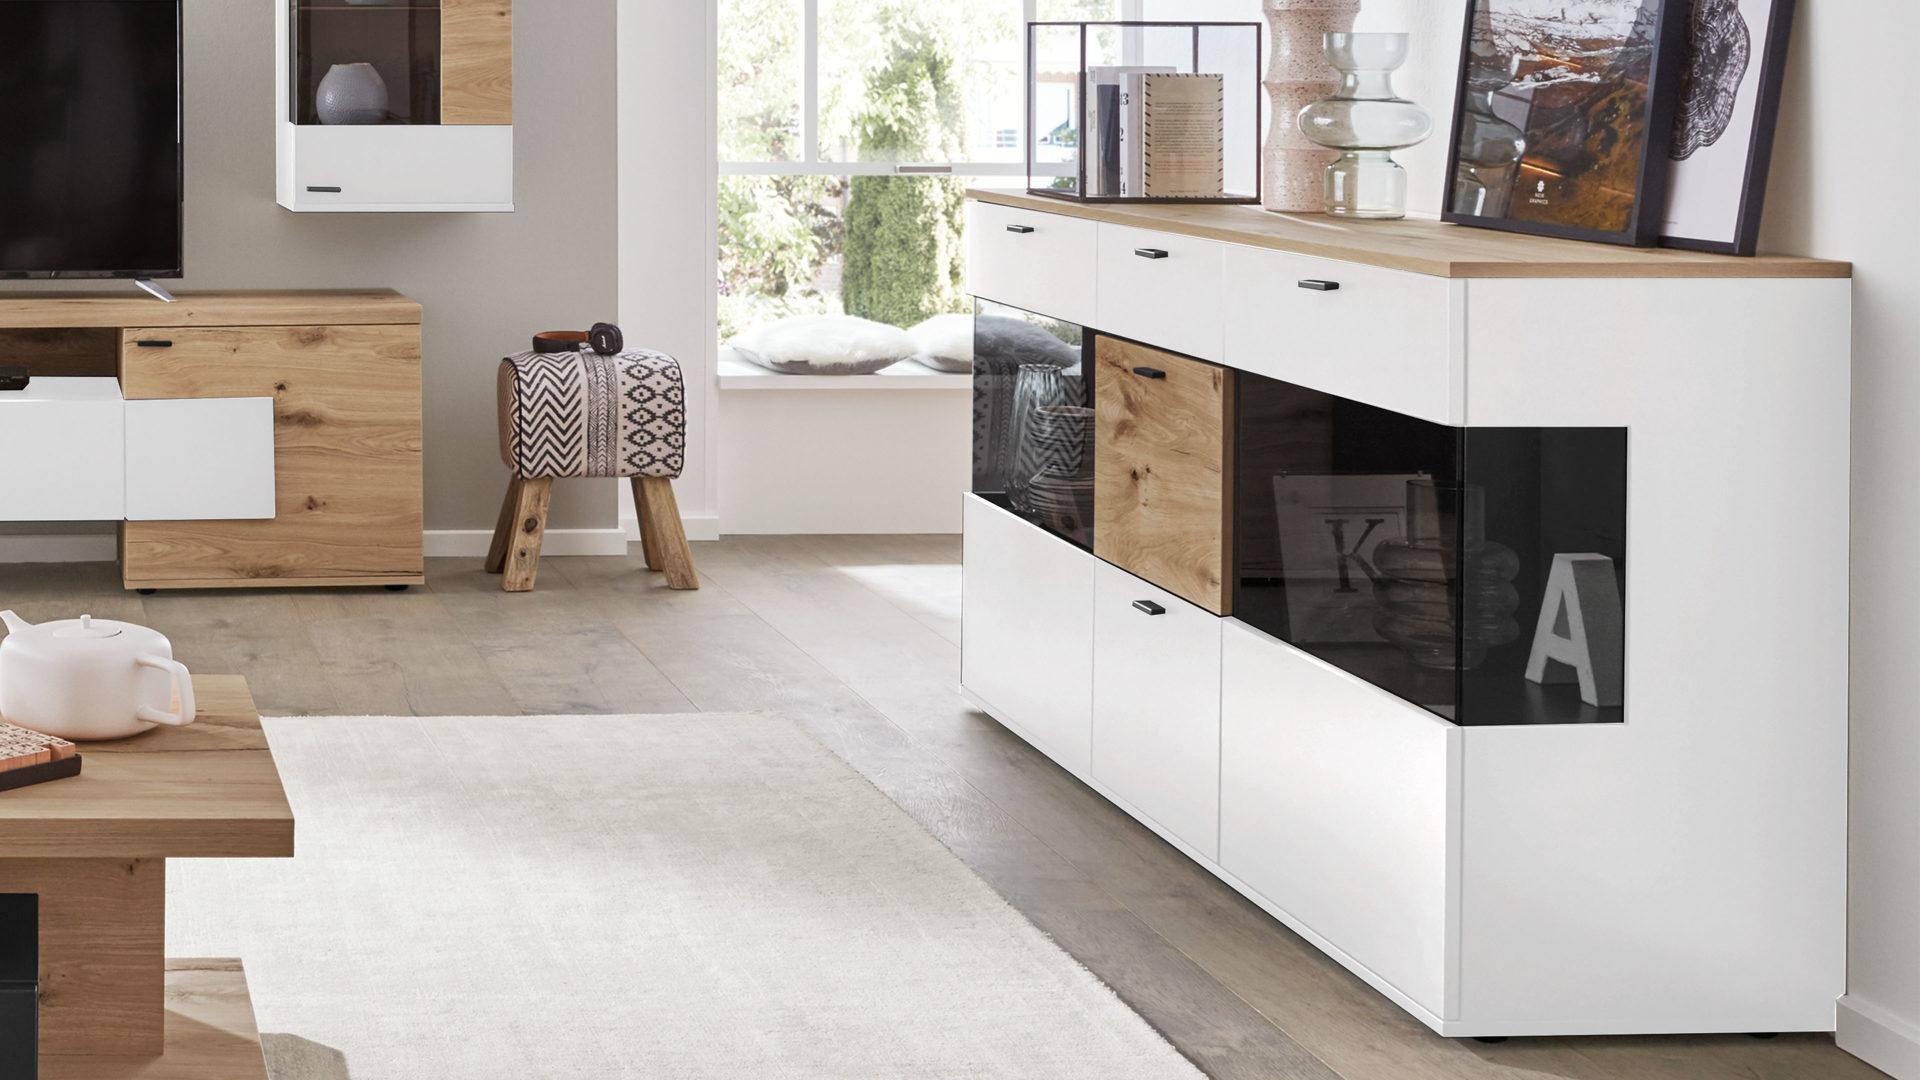 Interliving Wohnzimmer Serie 2104 Sideboard Weisse Lackoberflachen